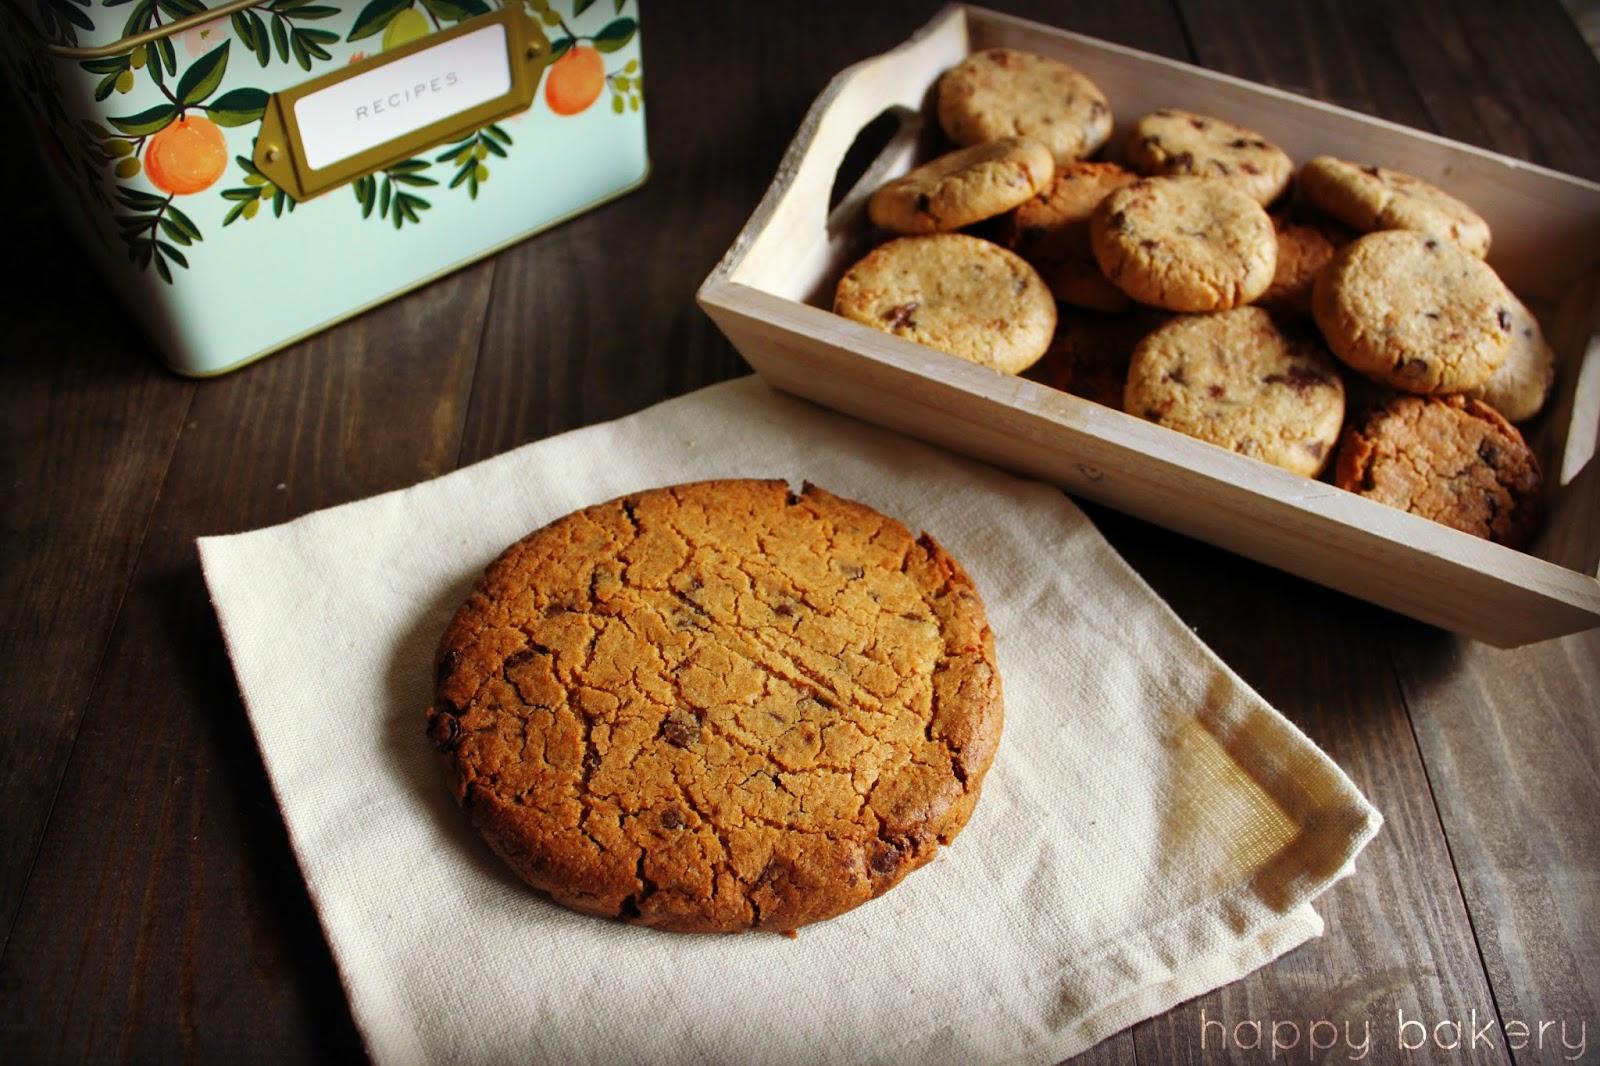 Cookies Clásicas (Chocolate Chip Cookies)